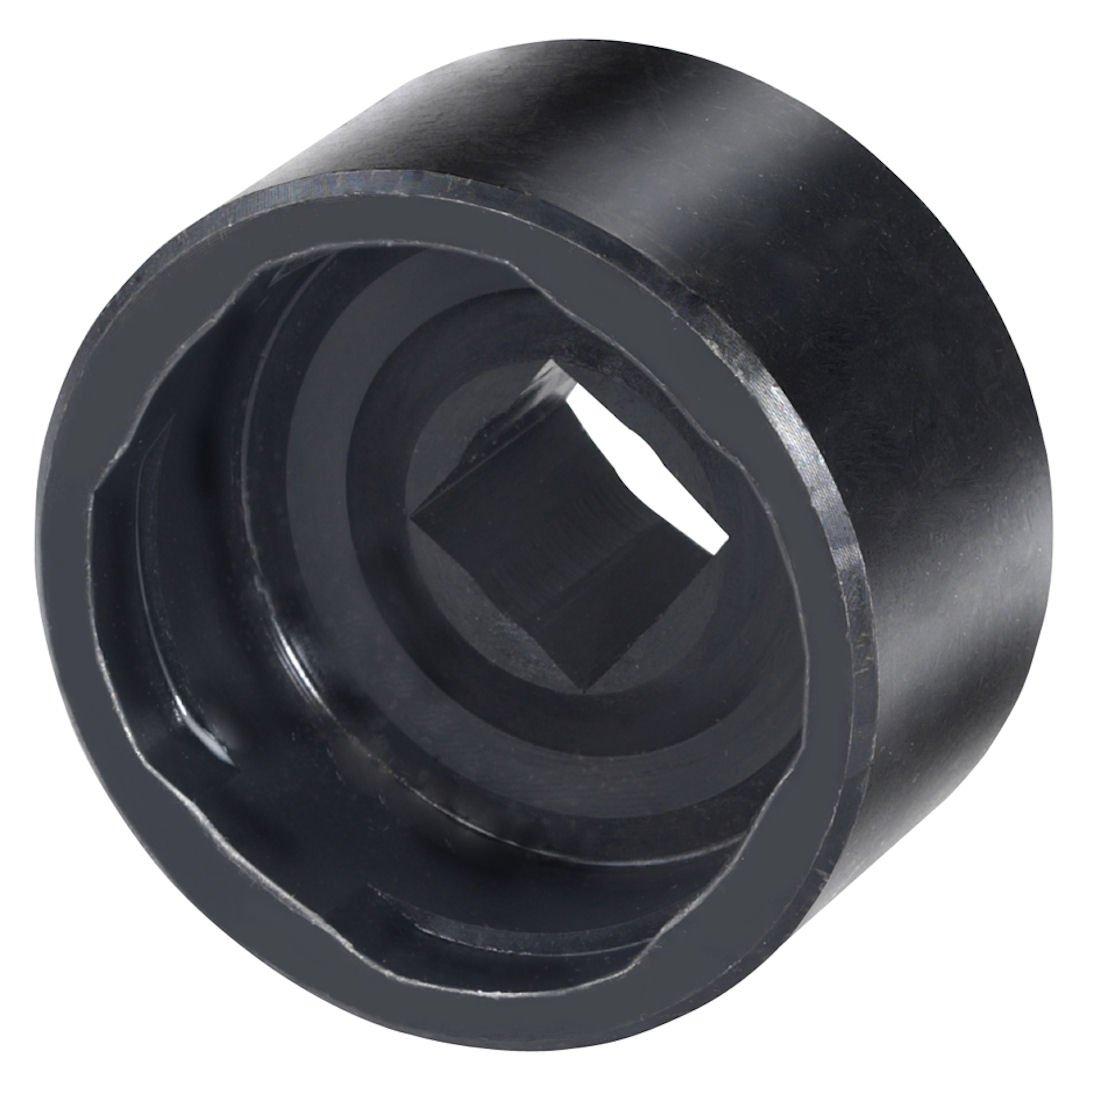 OTC 8034 Chrysler Ball Joint Socket